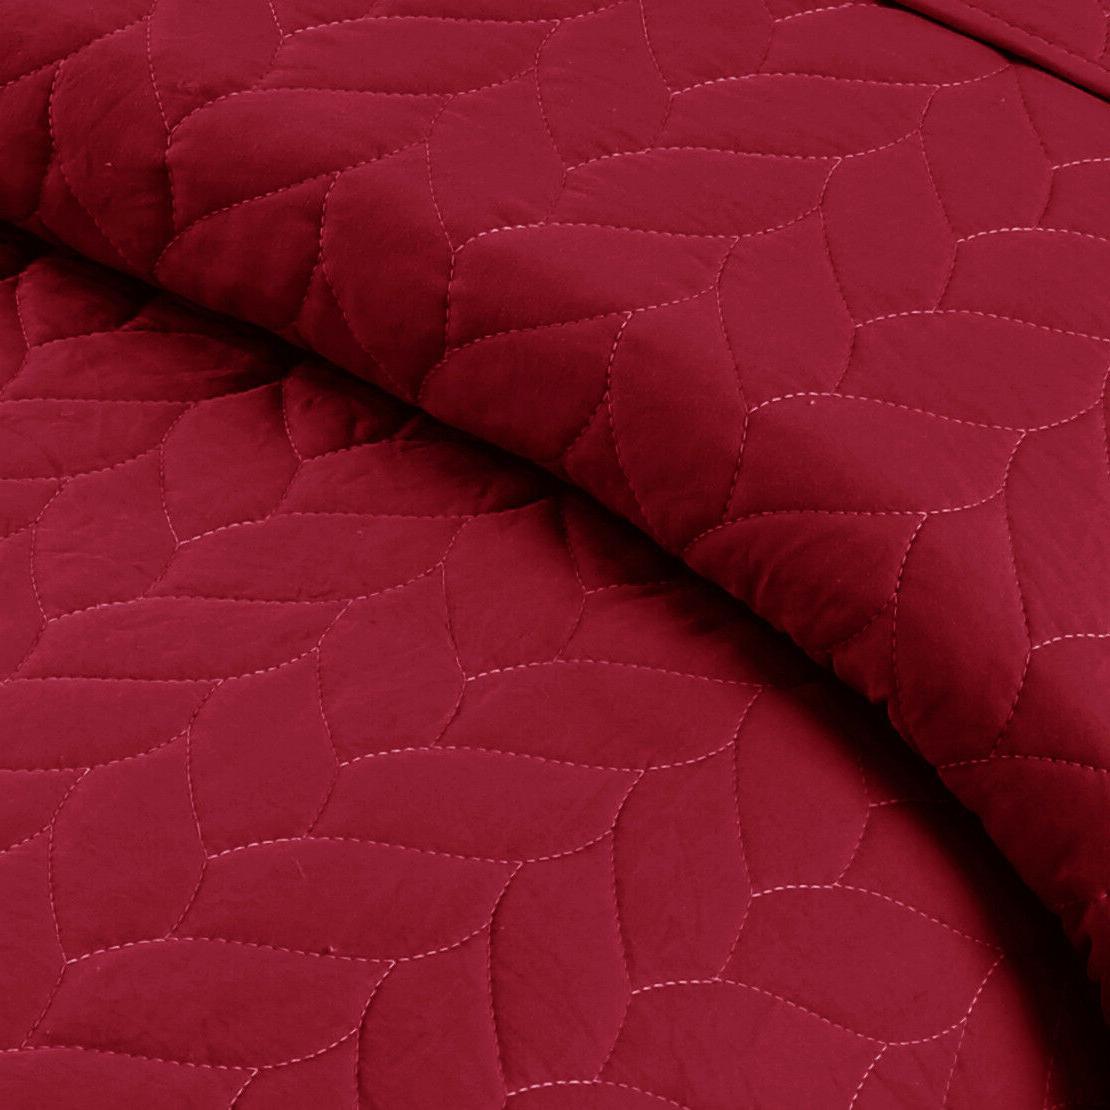 3 Lightweight Bedspread Quilt Set